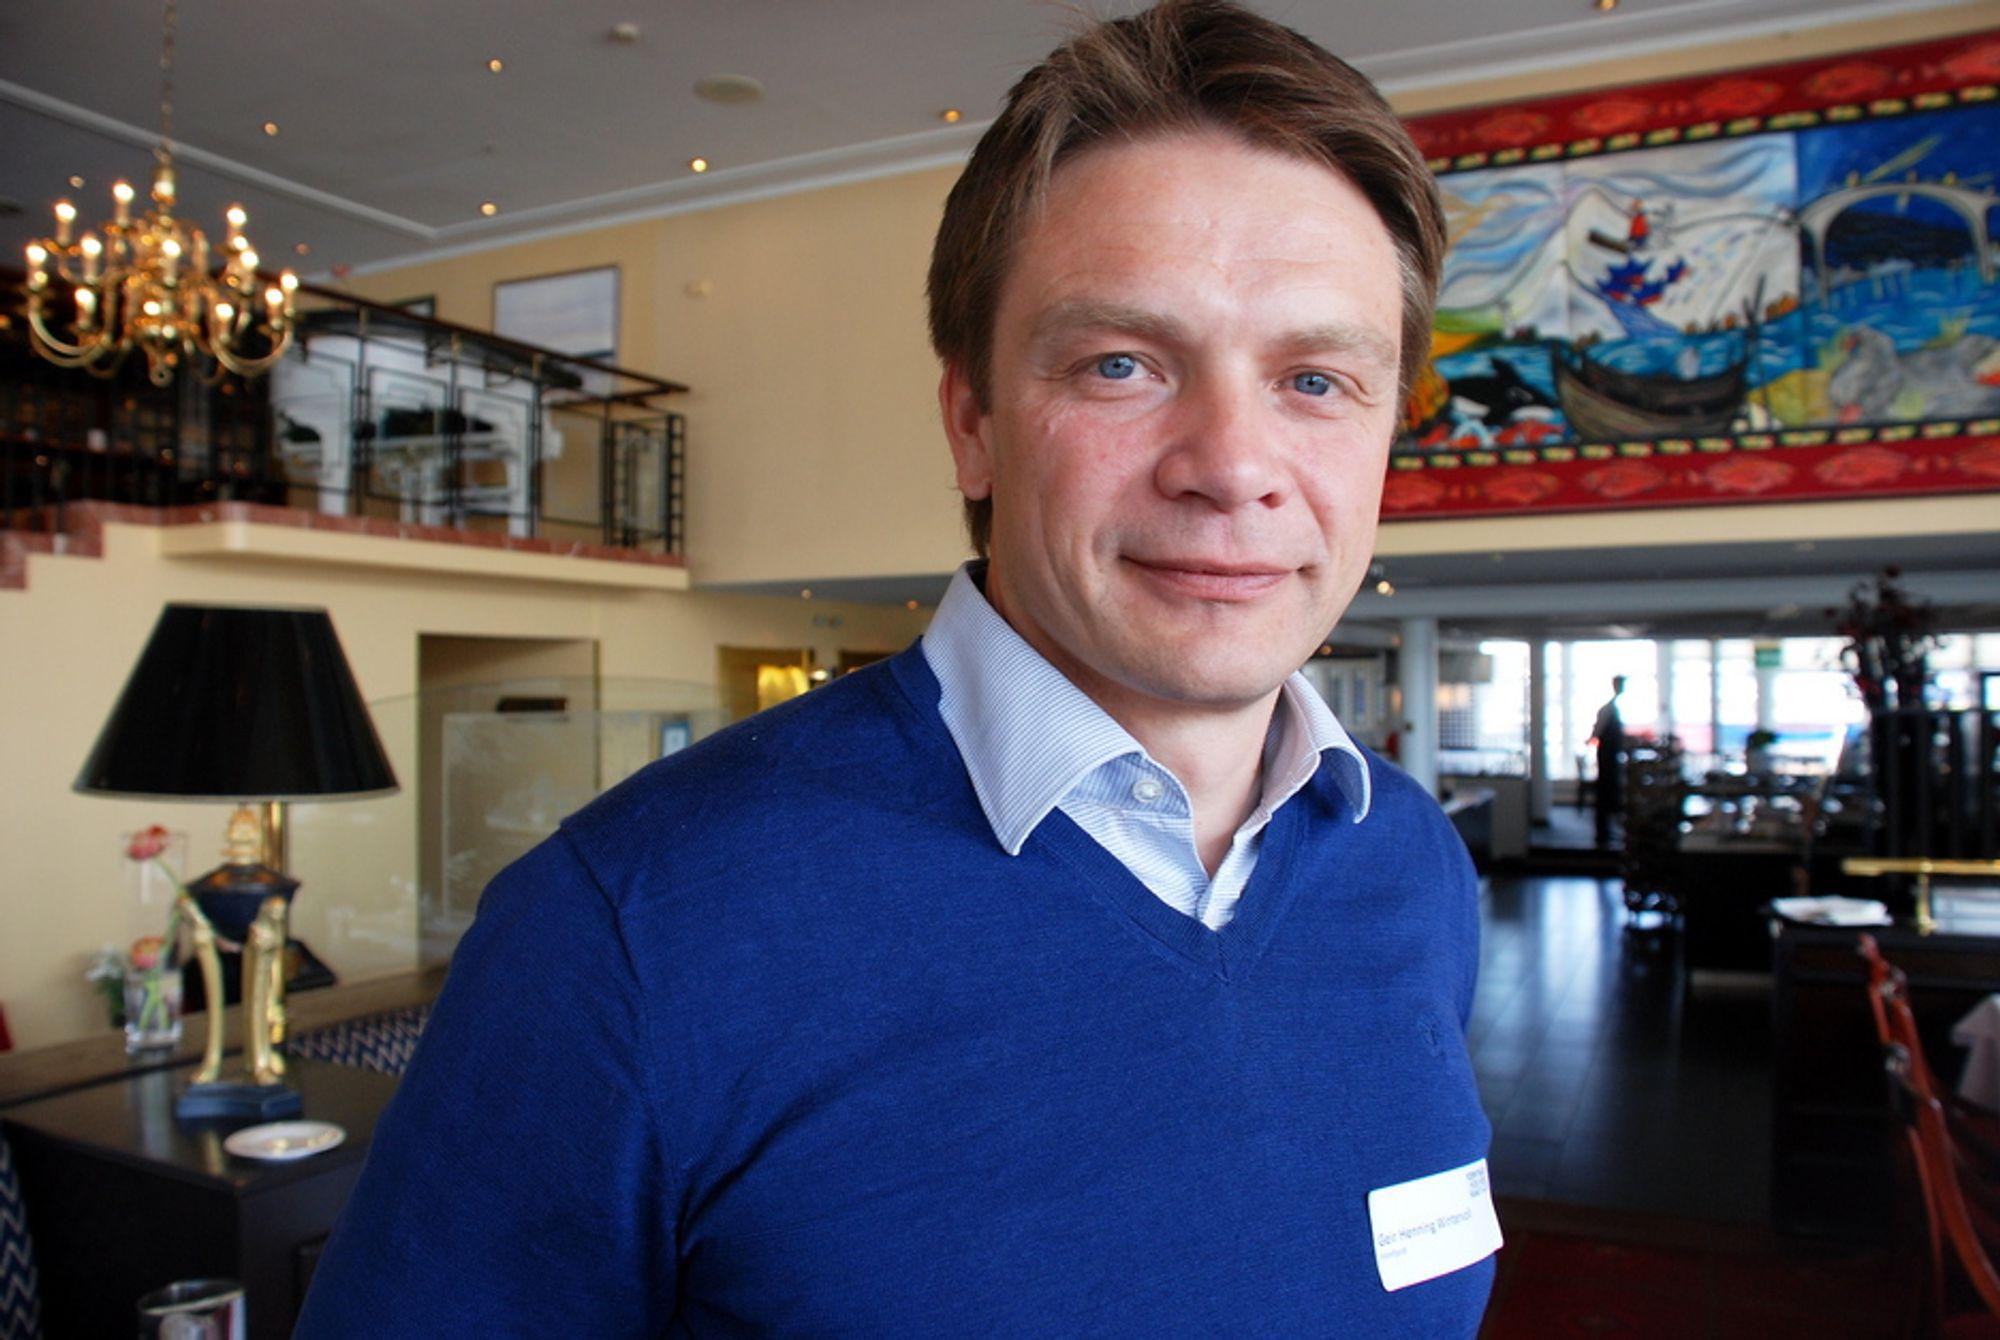 Administrerende direktør Geir-Henning Wintervoll i Finnfjord AS sier energigjenvinningsanlegget hans er konfliktfri kraft som er et drømmecase å fronte.